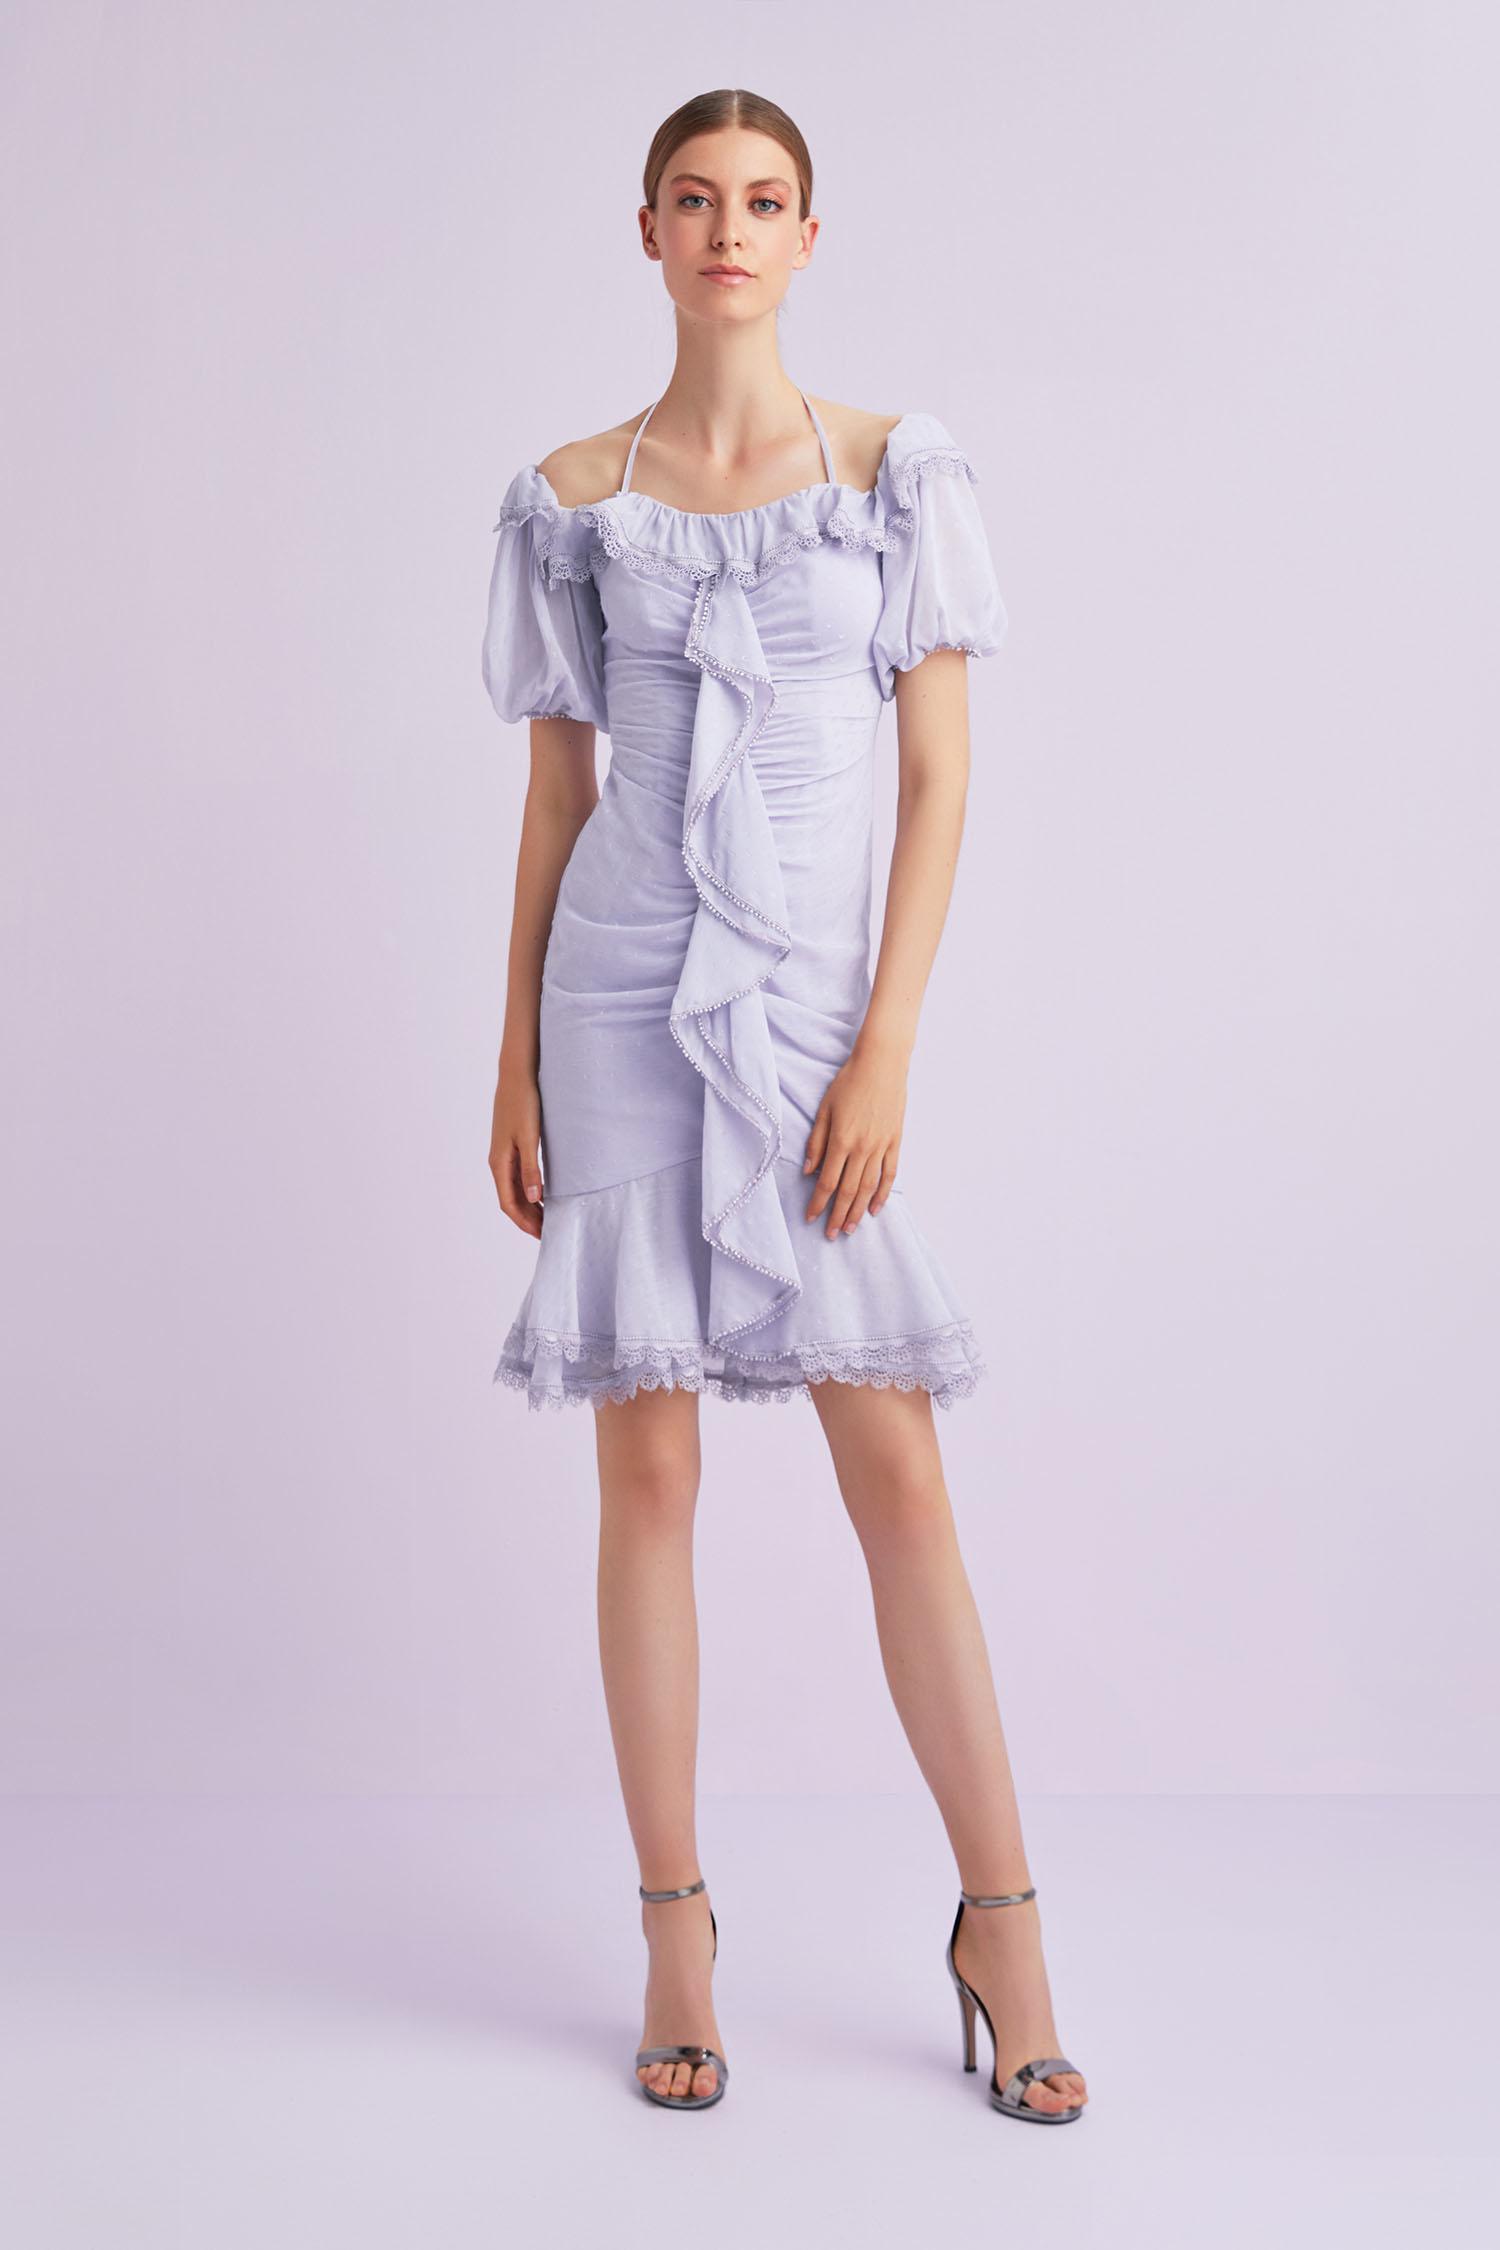 Lila Rengi Balon Kollu Fırfırlı Kısa Şifon Elbise - Thumbnail